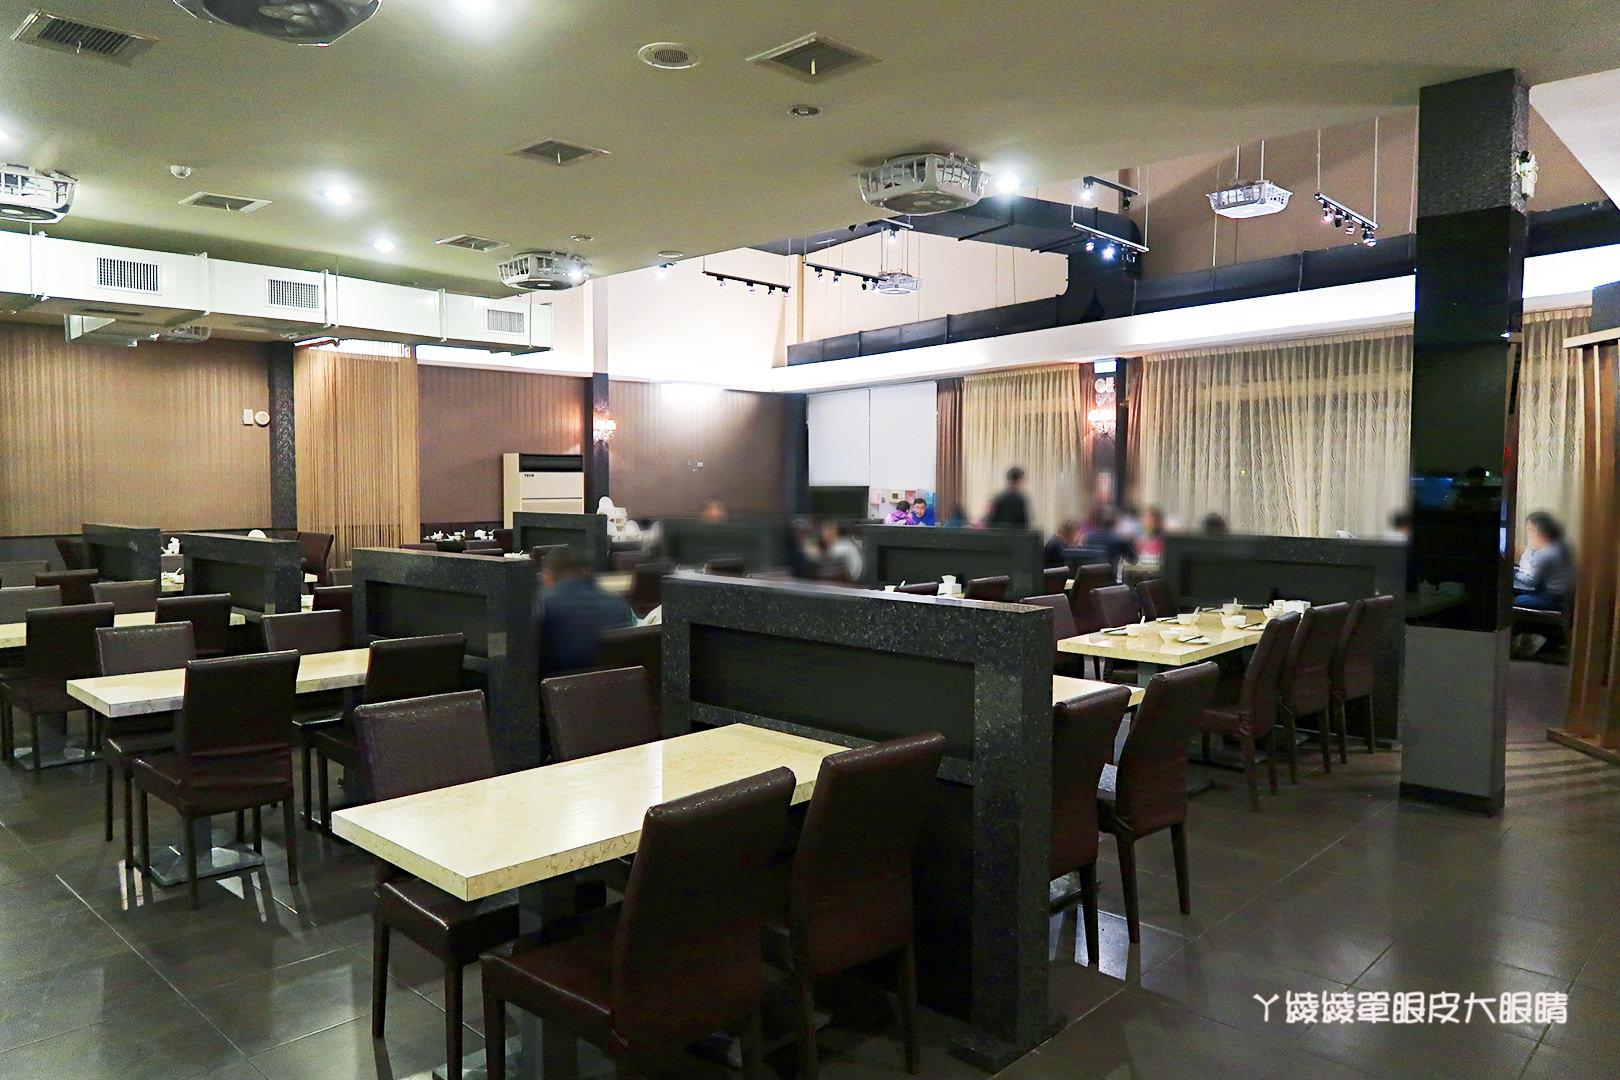 新竹港式飲茶推薦|星上星港式飲茶,竹北店全新廚師團隊!附設停車位及親子遊戲區